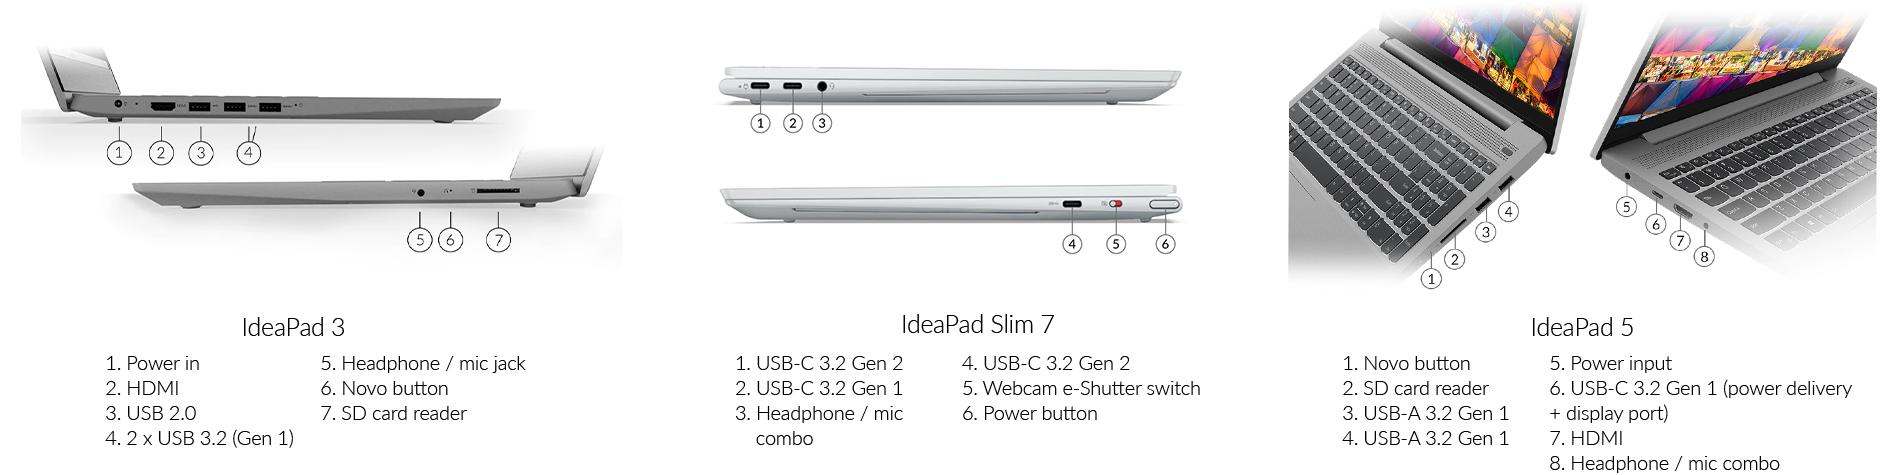 Lenovo Ideapad 05.04.ports